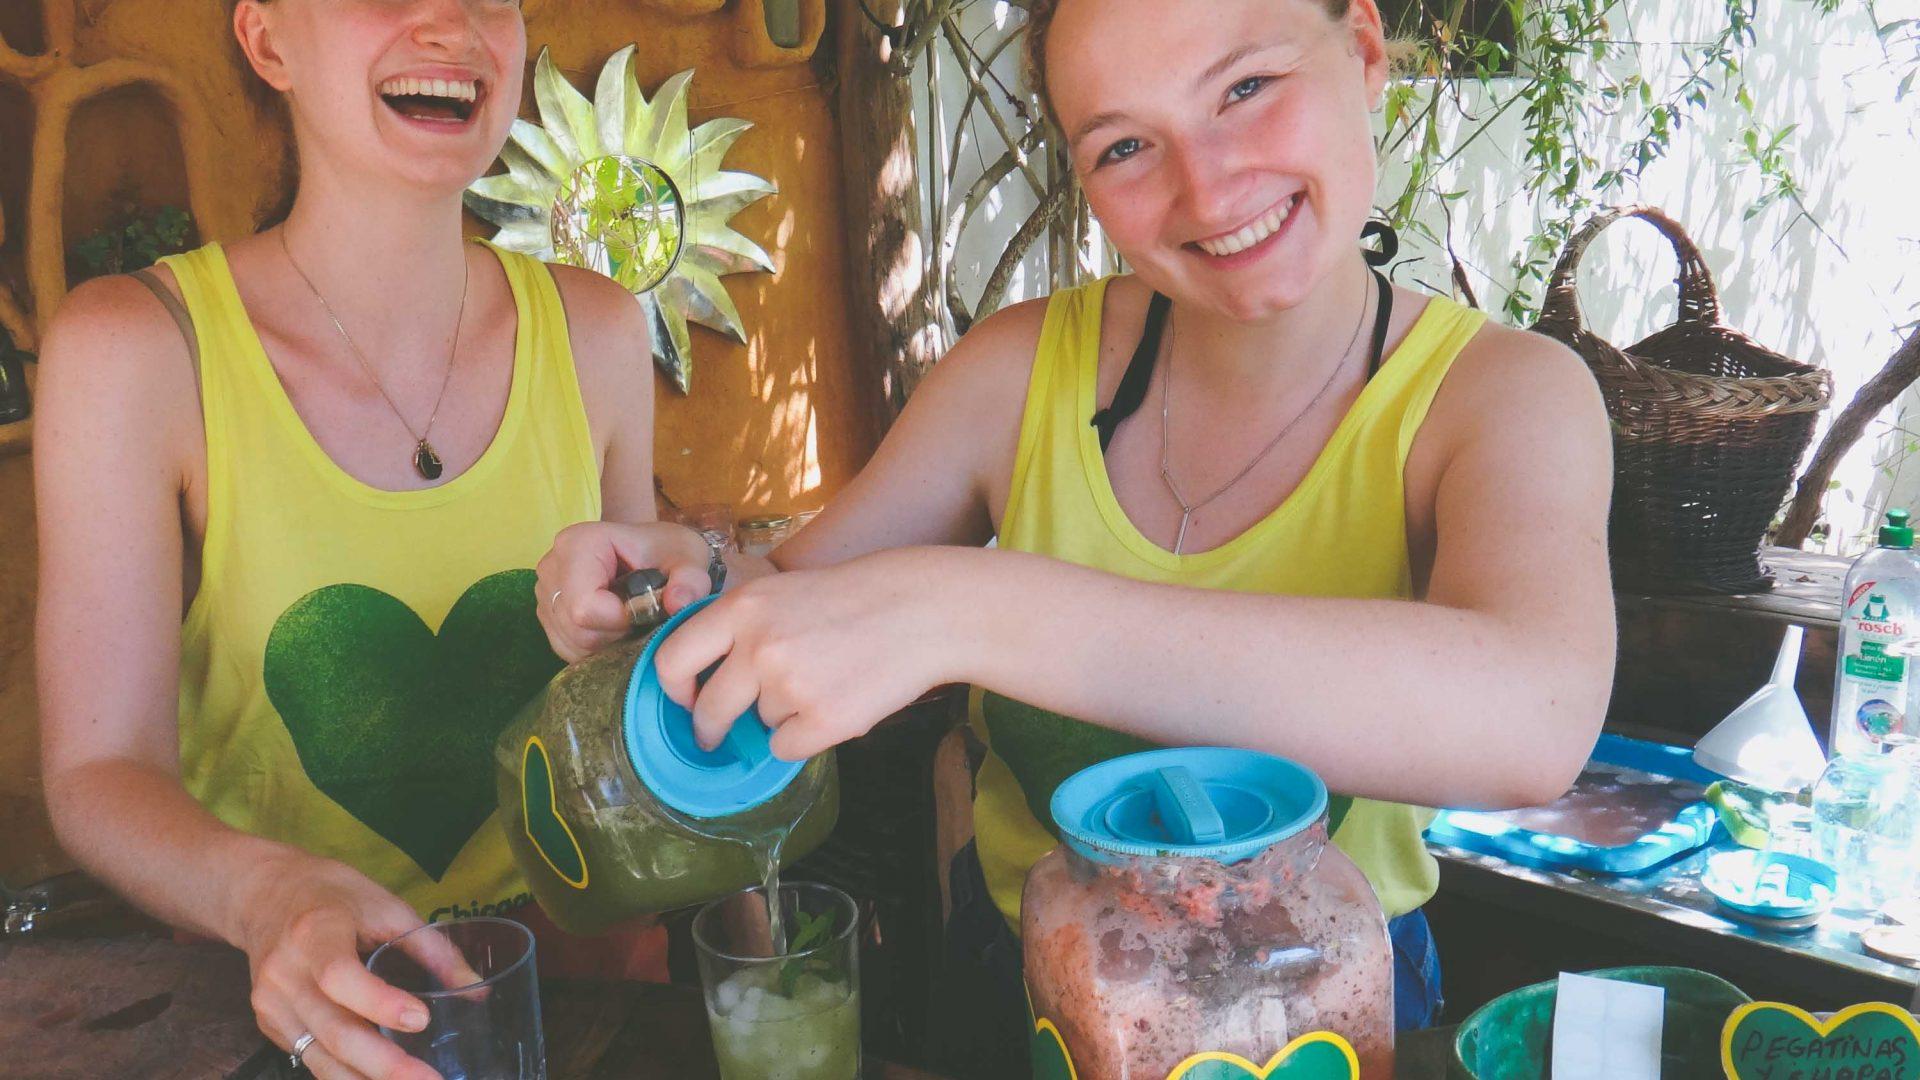 Volunteers prepare fresh juice using vegetables grown at Casita Verde.